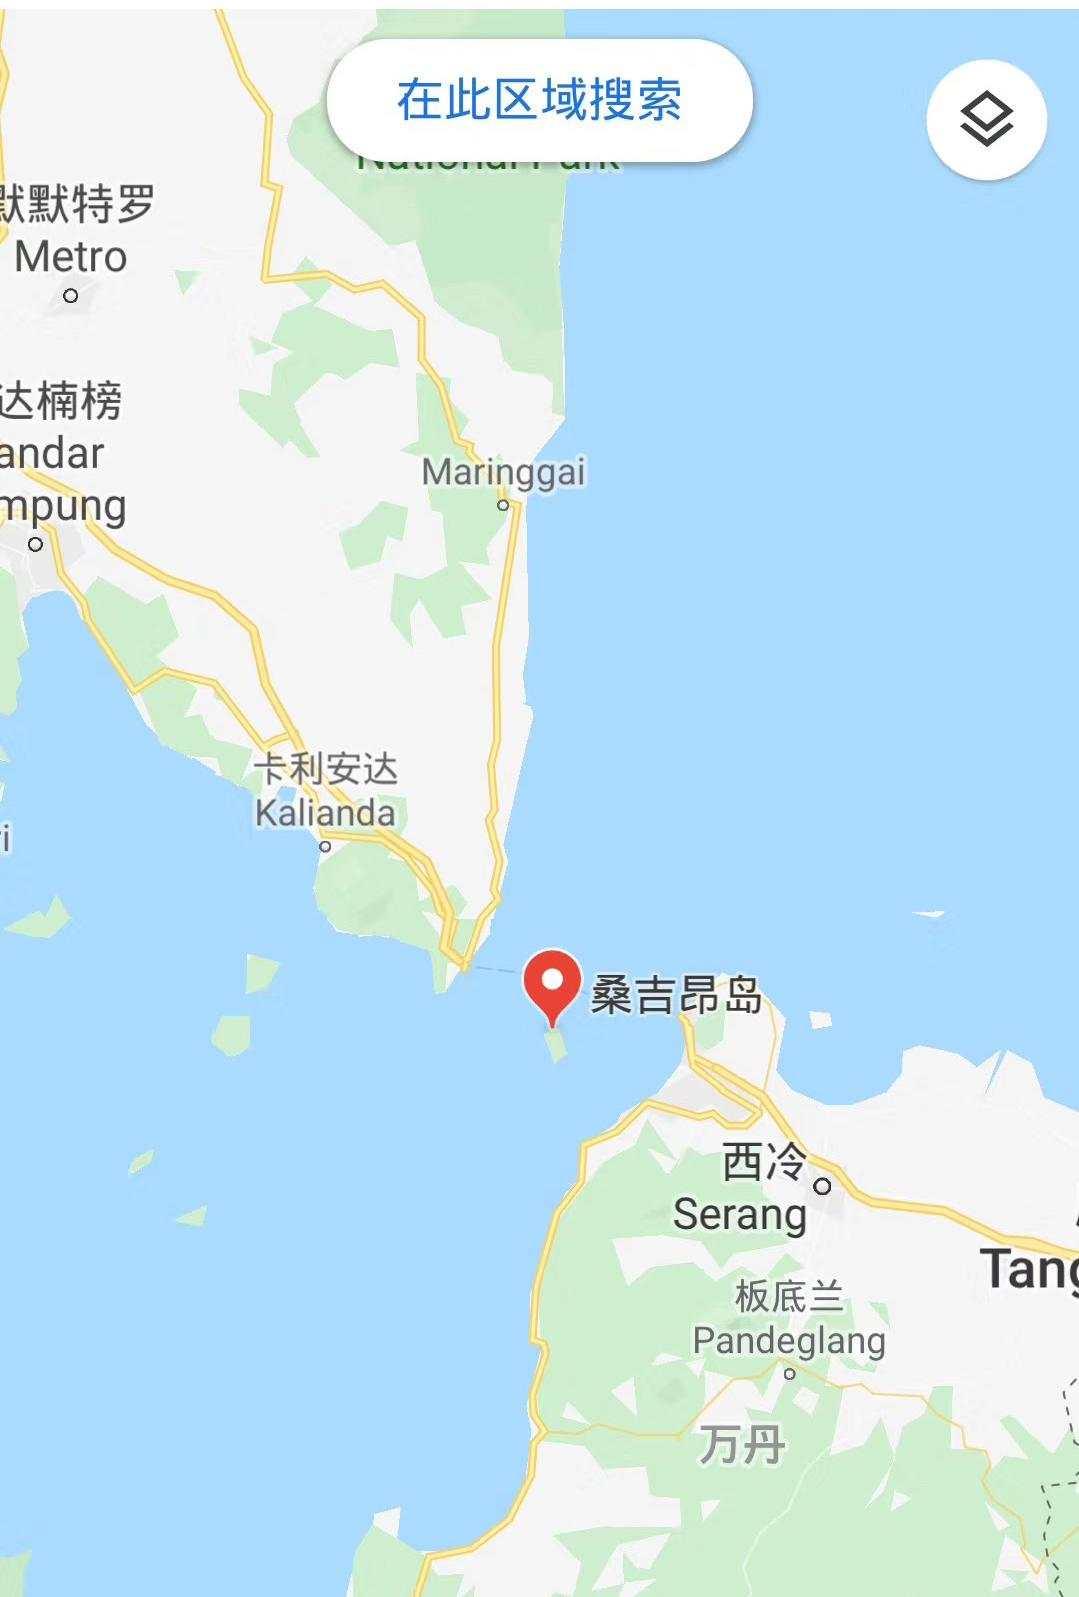 三名中国旅客在印尼潜水失踪 搜救正在举办